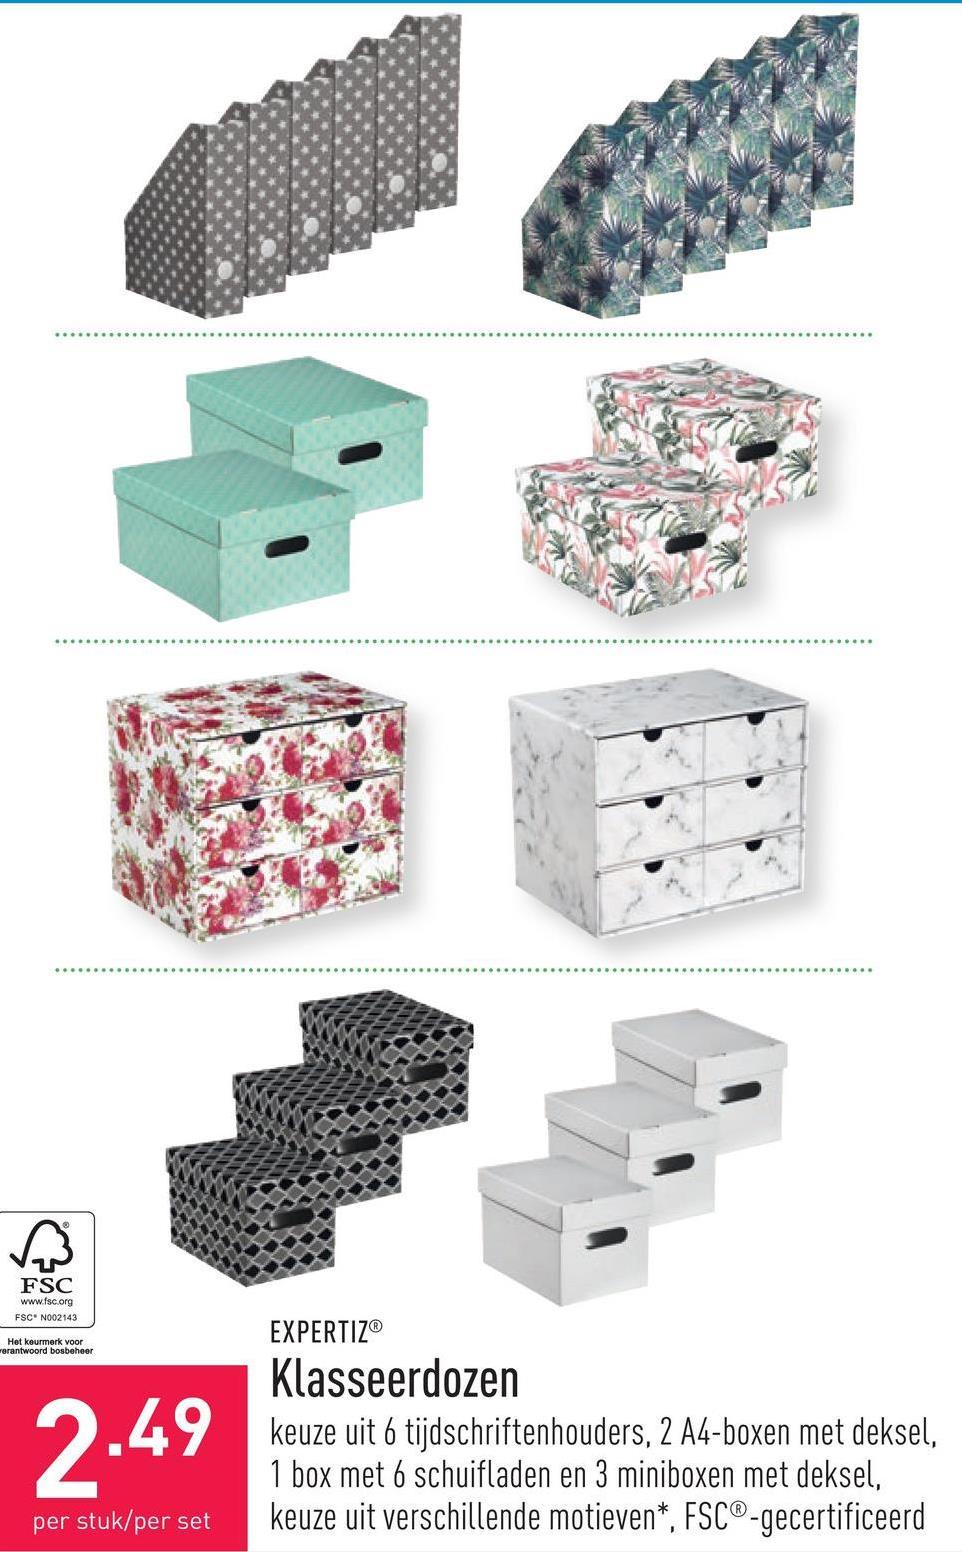 Klasseerdozen keuze uit 6 tijdschriftenhouders, 2 A4-boxen met deksel, 1 box met 6 schuifladen en 3 miniboxen met deksel, keuze uit verschillende motieven*, FSC®-gecertificeerd